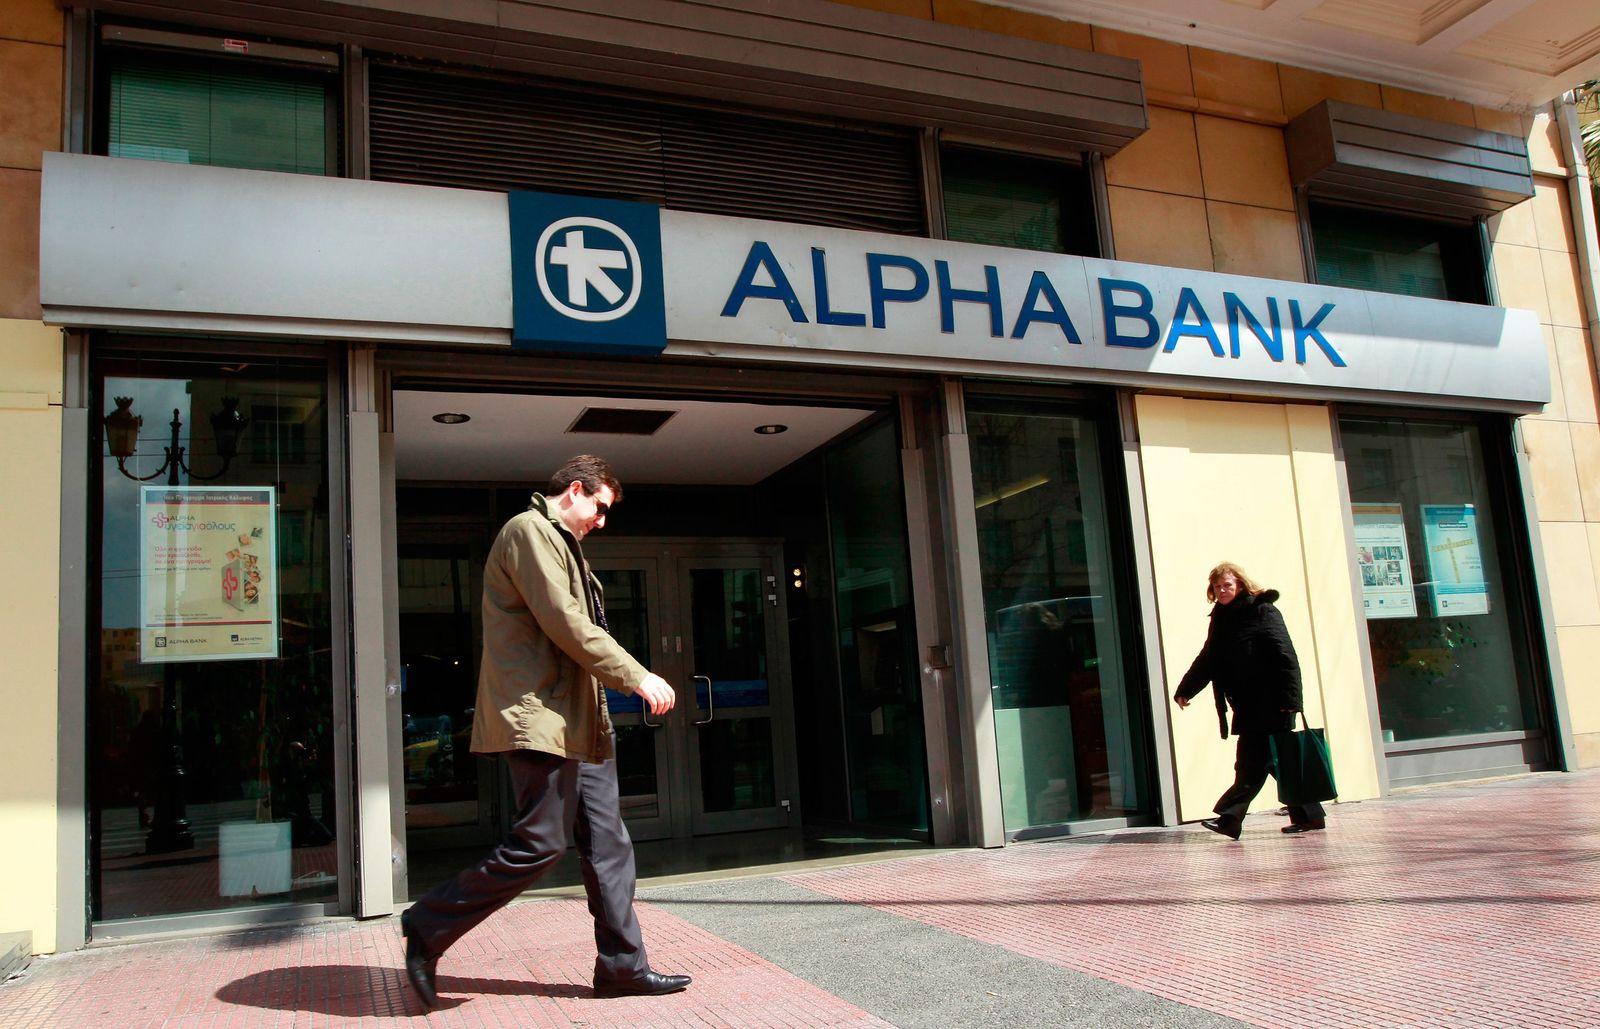 Griechenland / Finanzkrise / Alpha bank